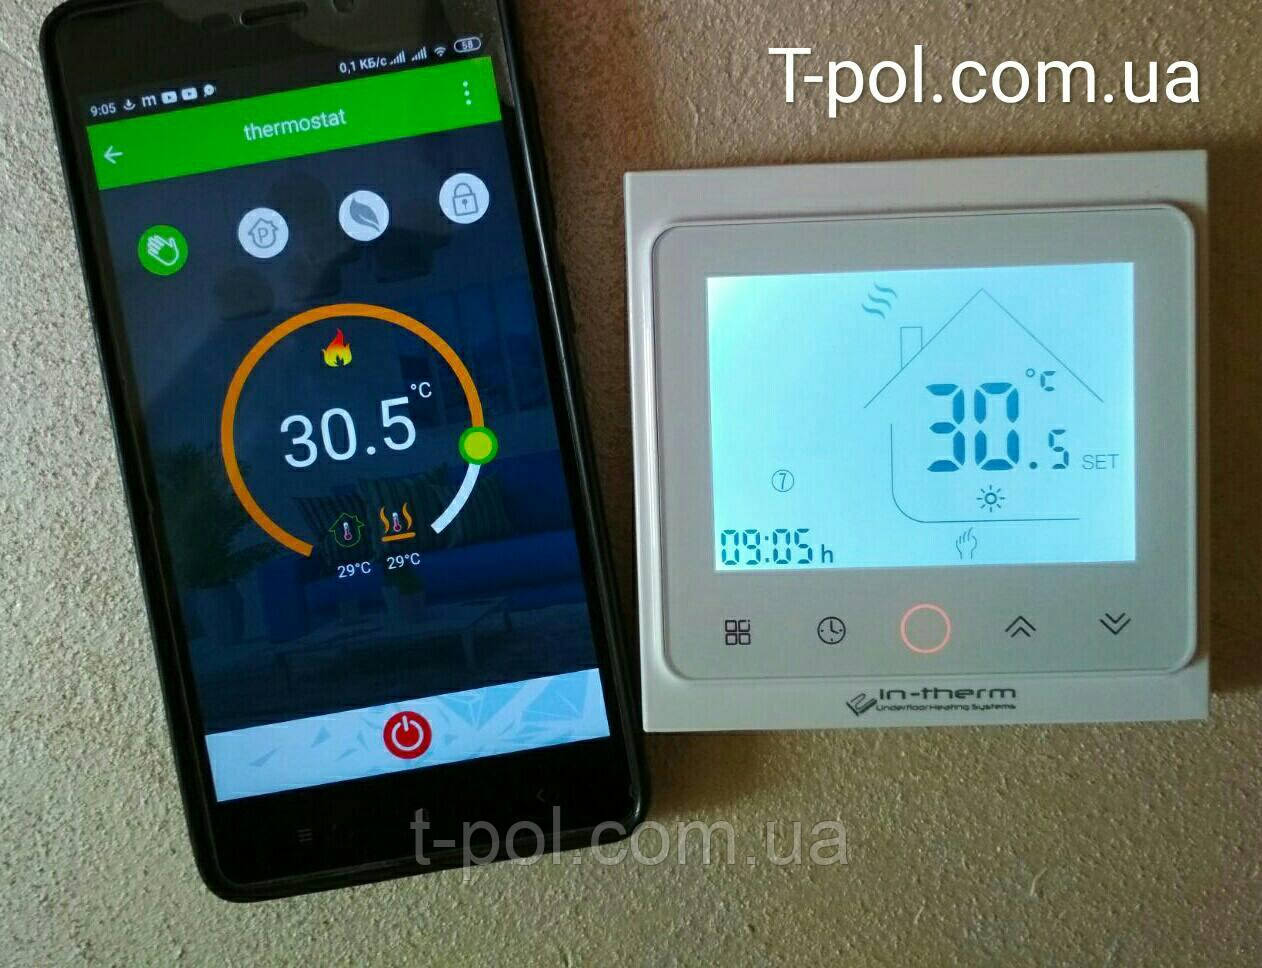 Терморегулятор pwt-002 c wi-fi управлением для теплого пола и для настенных обогревателей